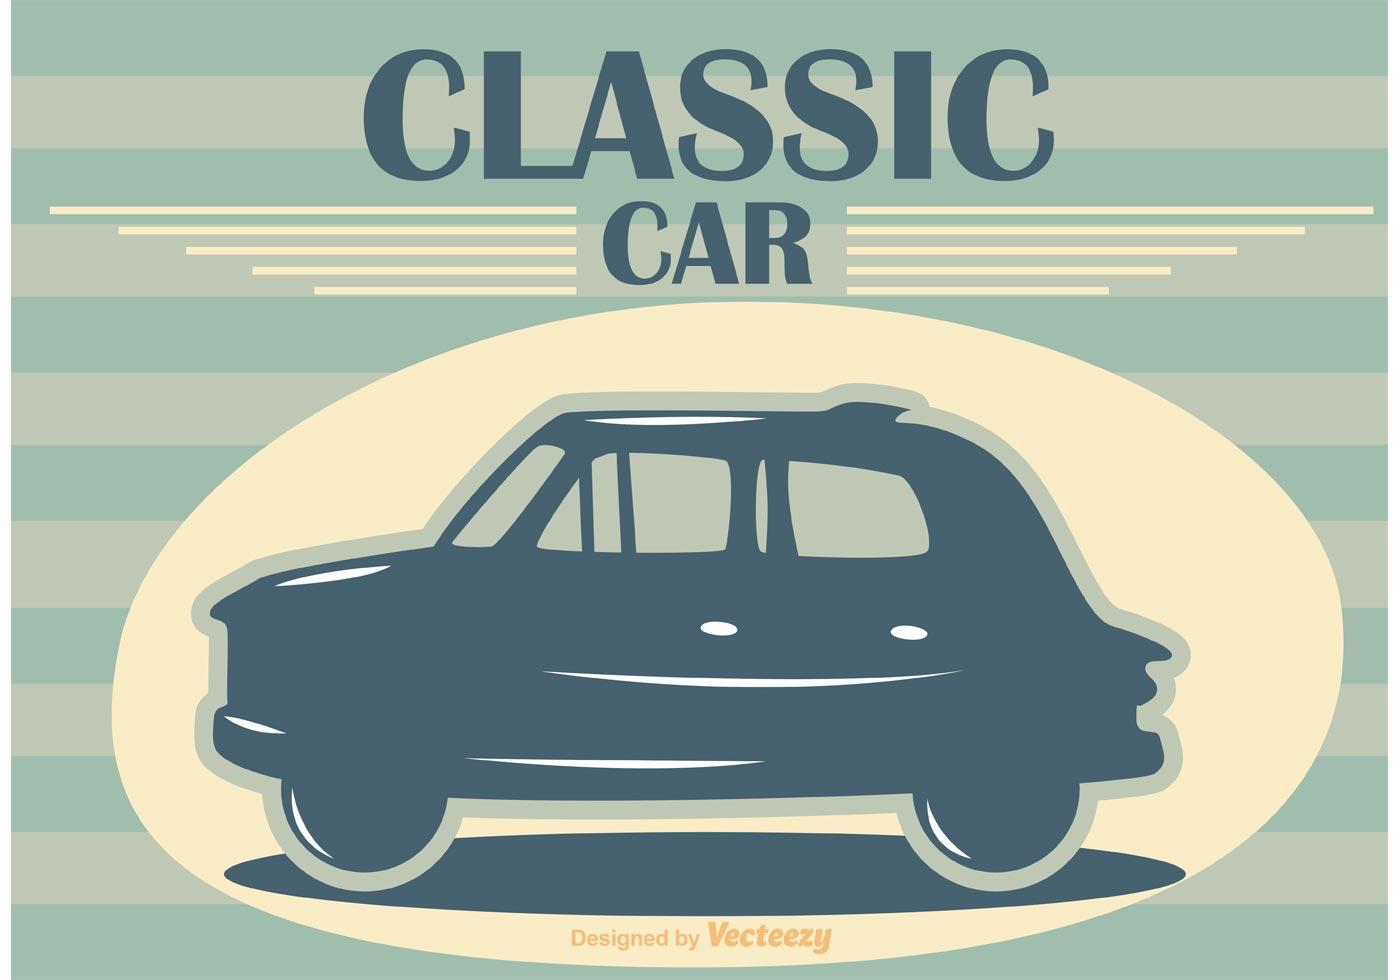 Classic Car Vector Poster - Download Free Vectors, Clipart ...